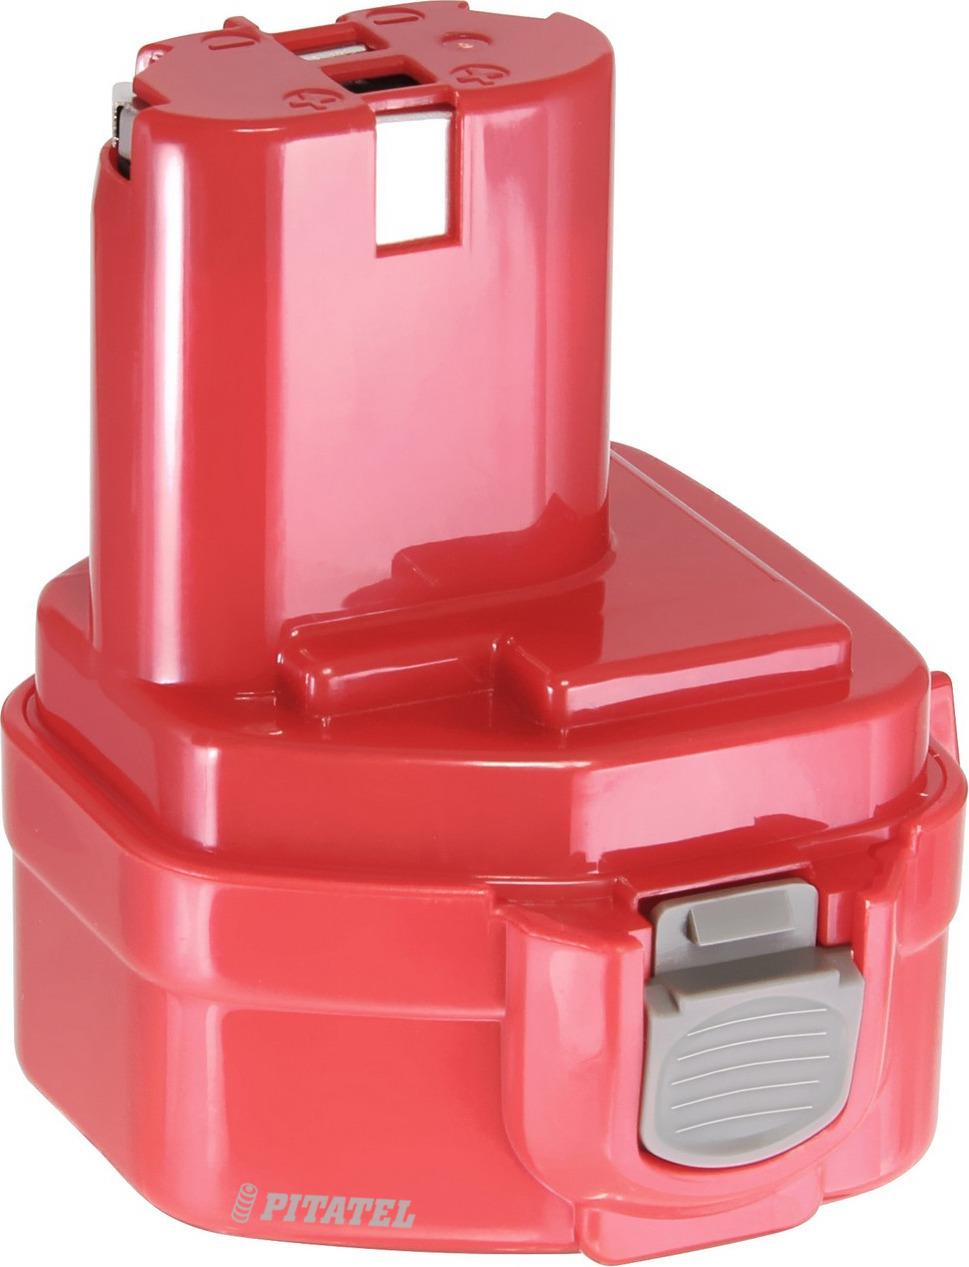 Аккумулятор для инструмента Pitatel для MAKITA. TSB-039-MAK12-33M аккумулятор makita 1235